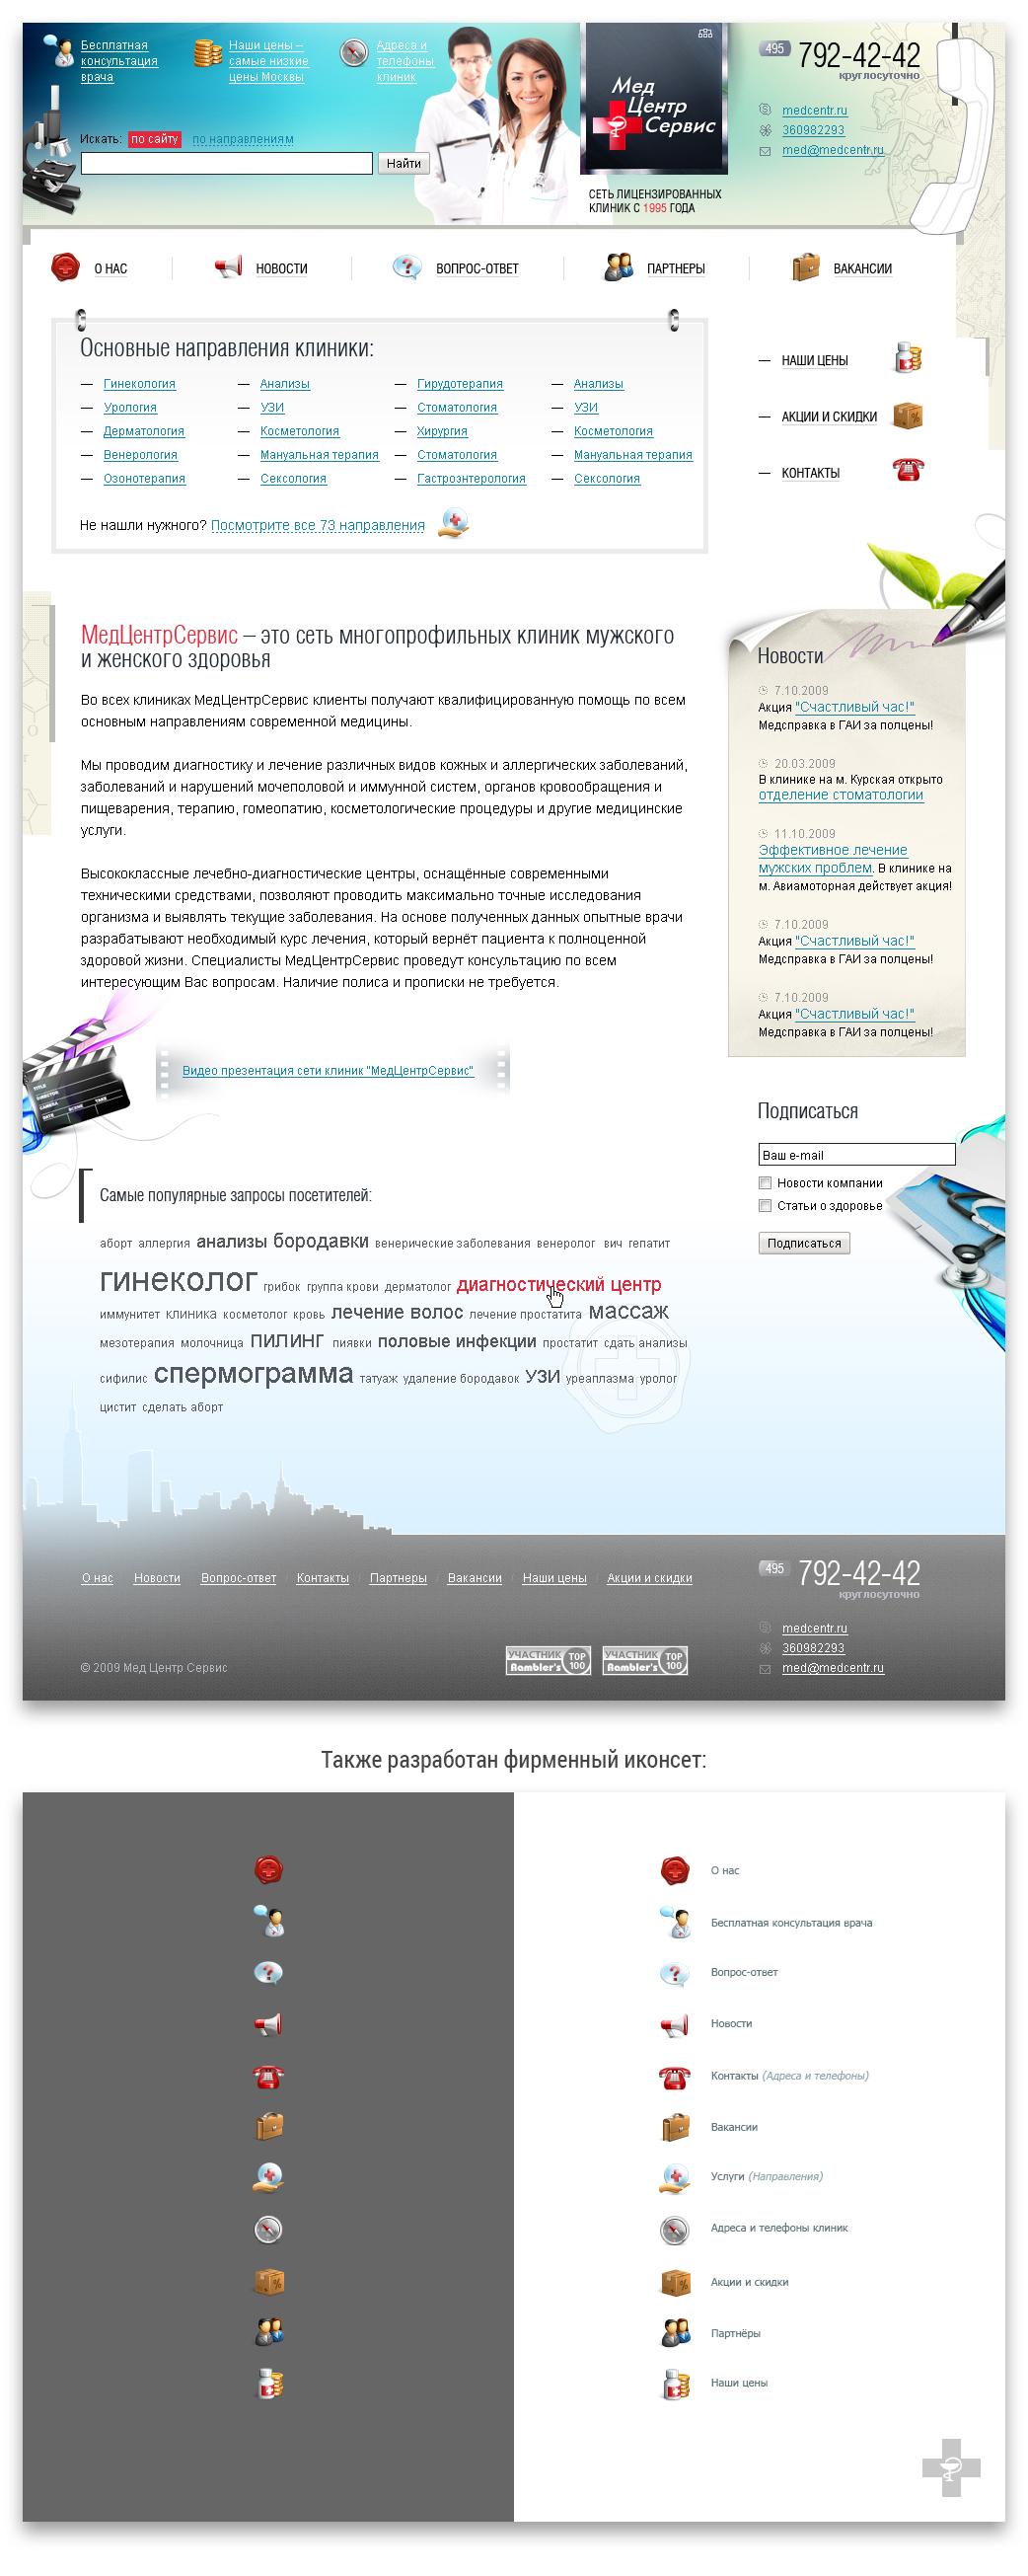 МедЦентрСервис - Сеть лицензированных клиник